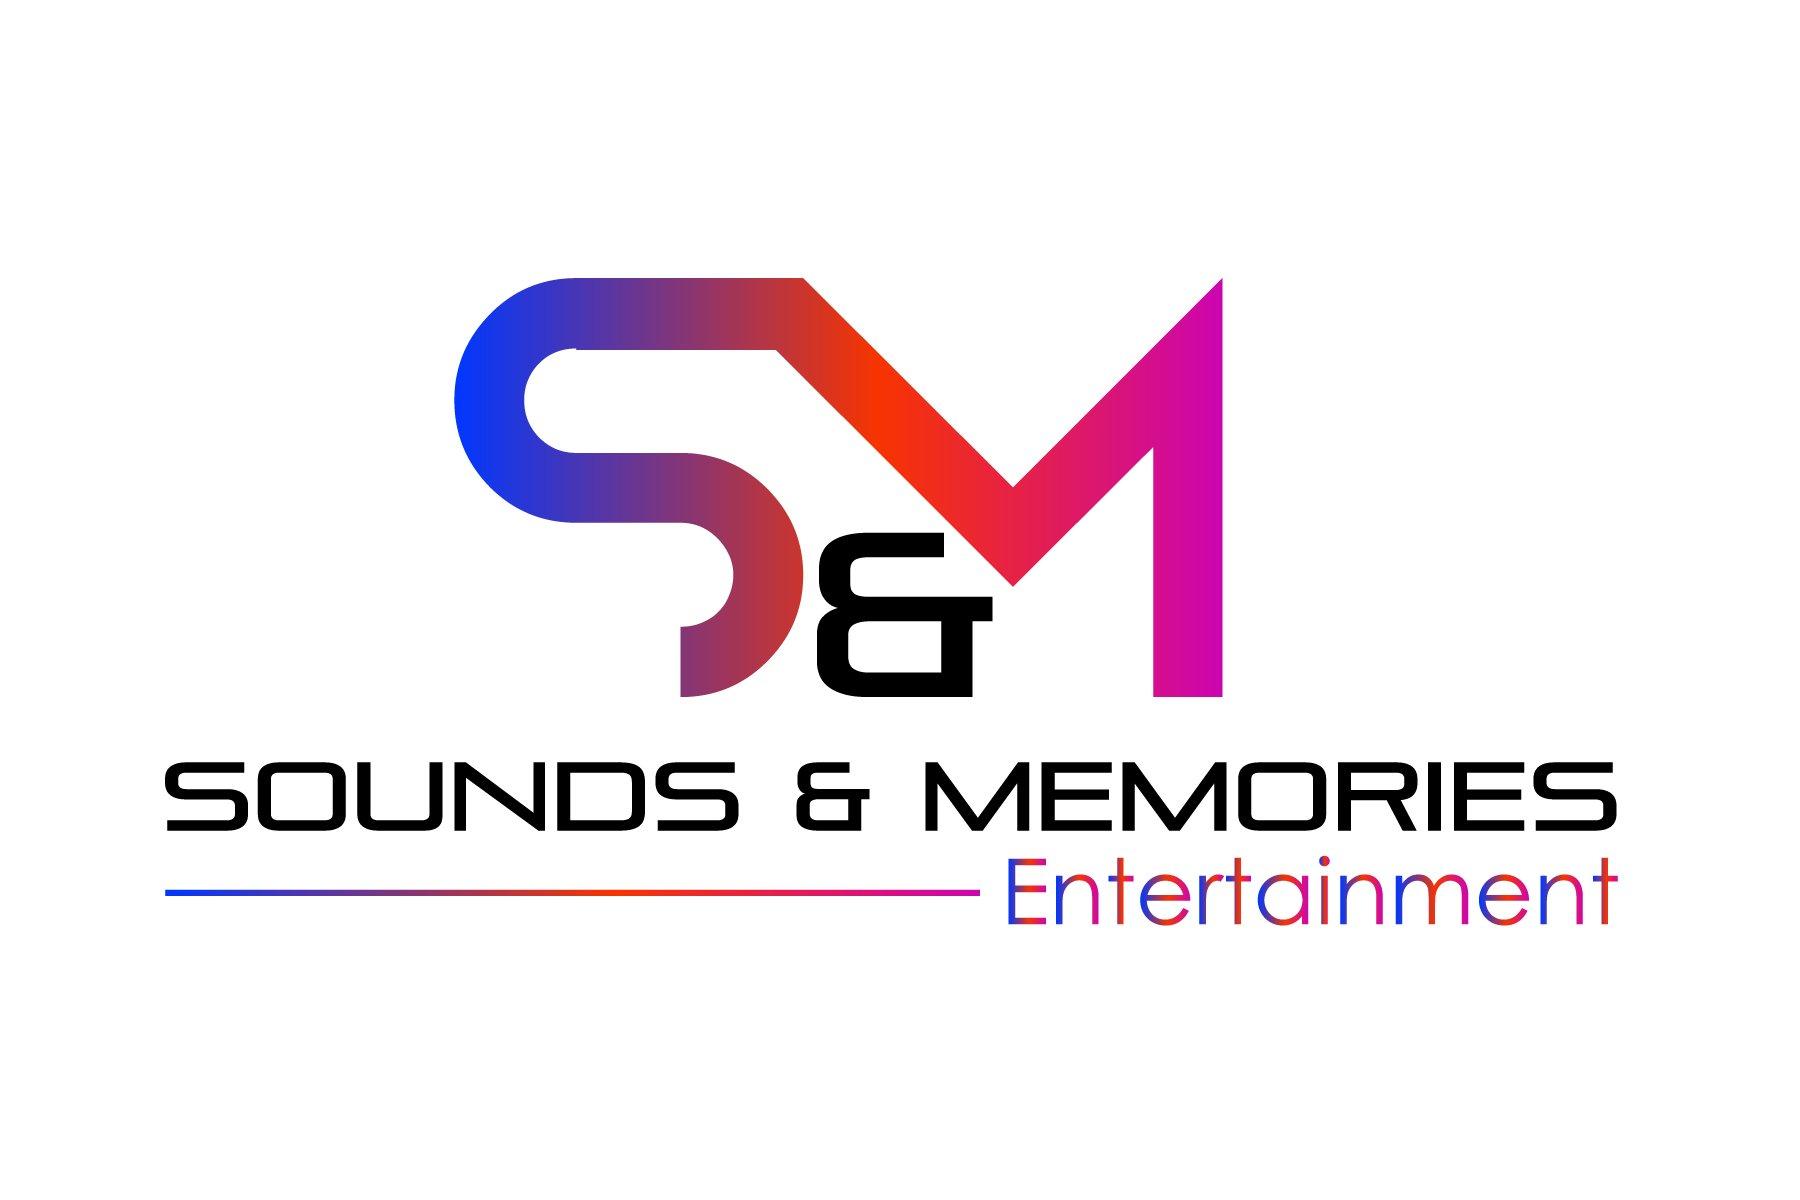 Sounds & Memories Entertainment